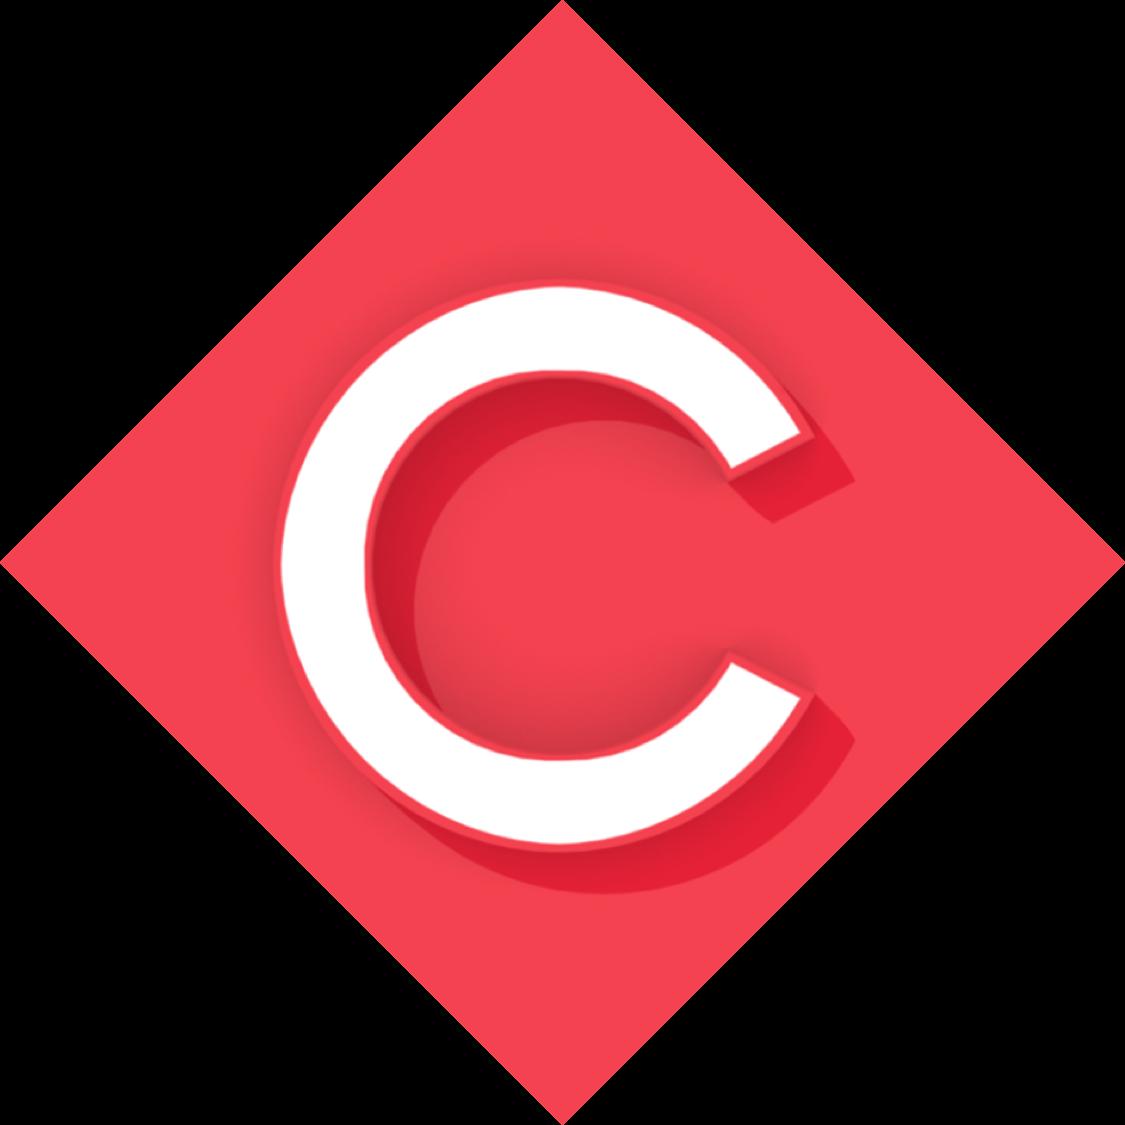 C_a_vous_logo_d%C3%A9coup%C3%A9.png